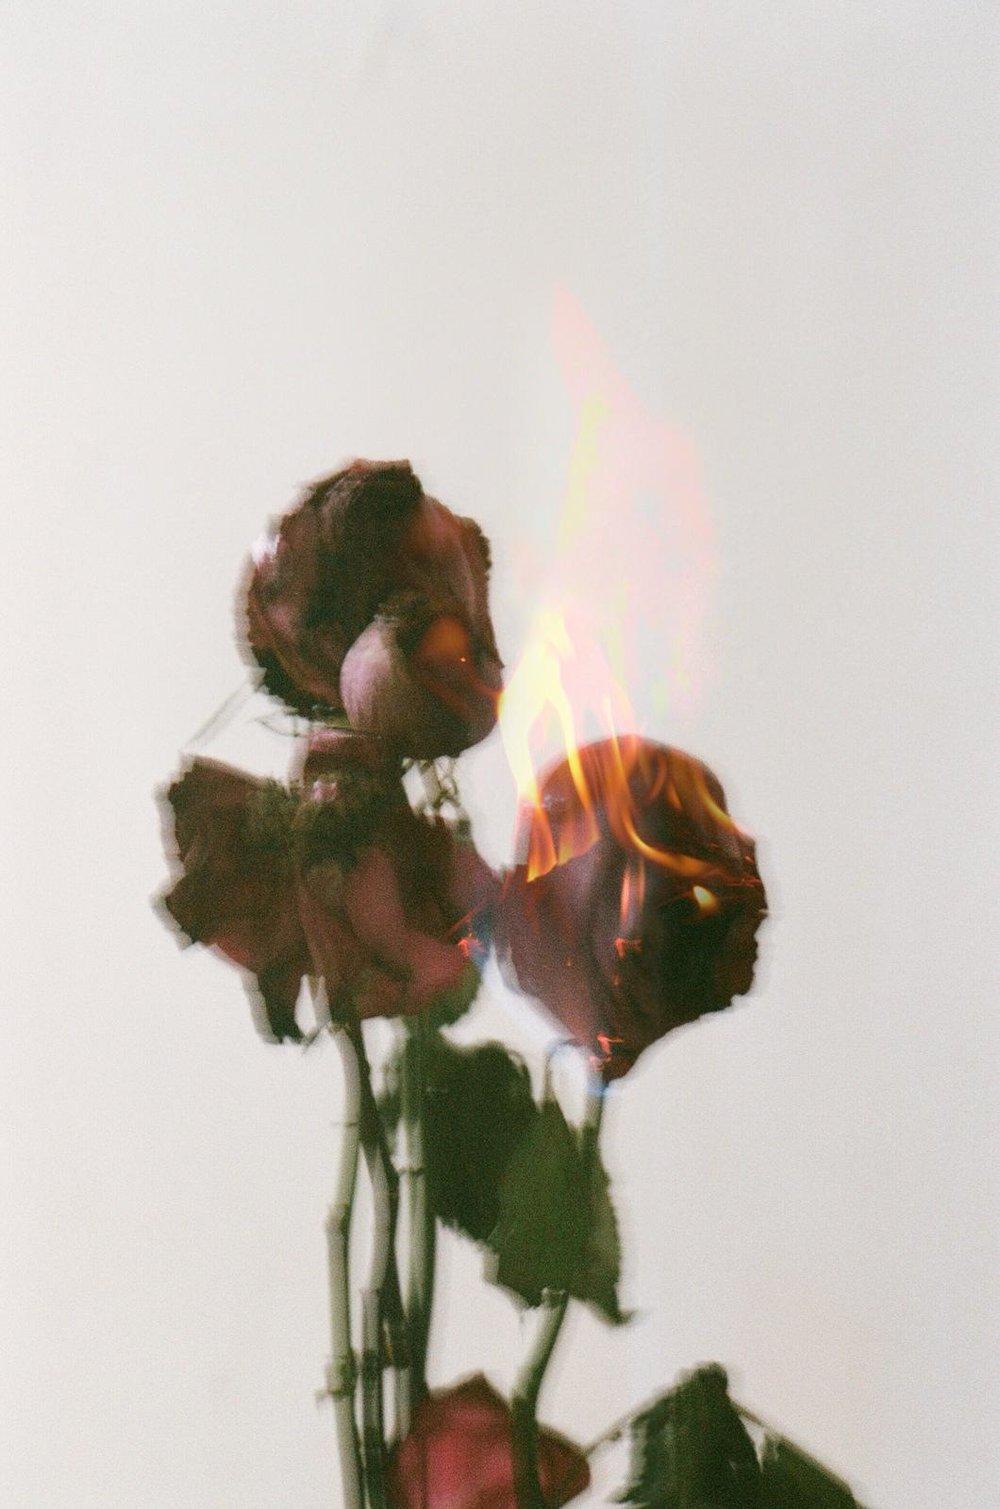 「我現在覺得愛情是灰色。」面對感情煩惱後拍下灰色的愛情。©Lean Lui